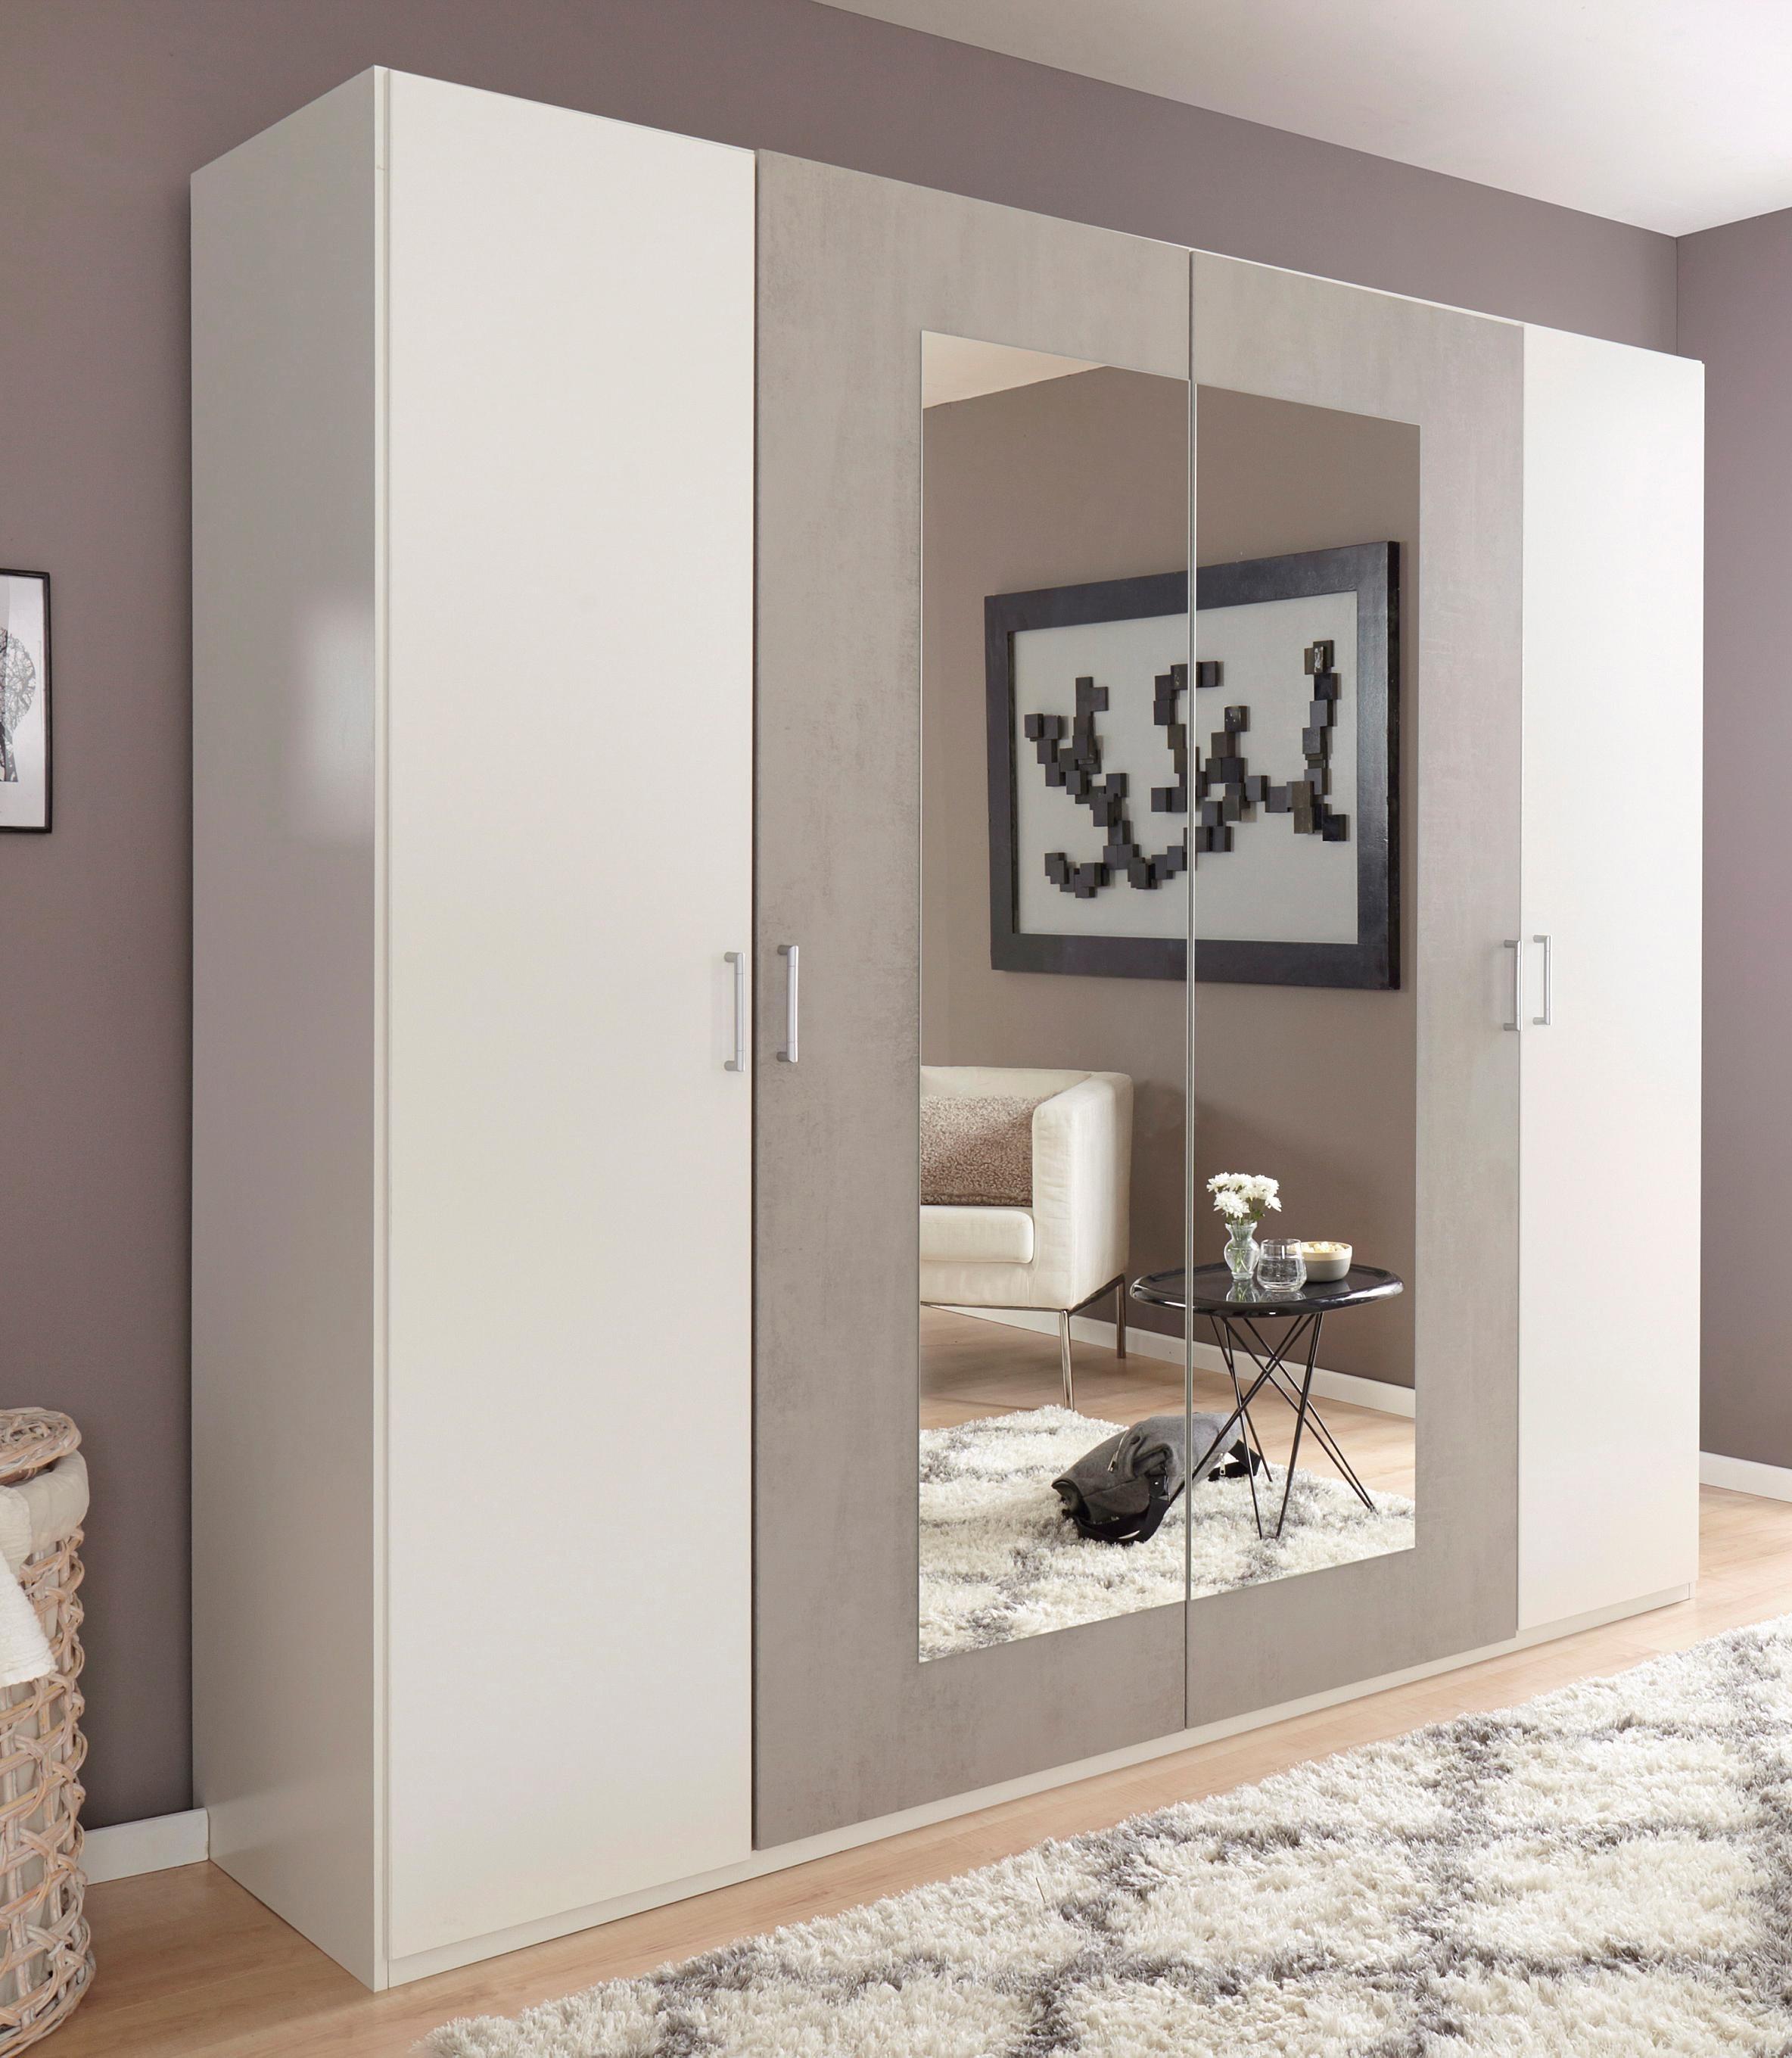 Wimex Kleiderschrank mit Spiegeltüren | Schlafzimmer > Kleiderschränke > Drehtürenschränke | Leinen | Wimex